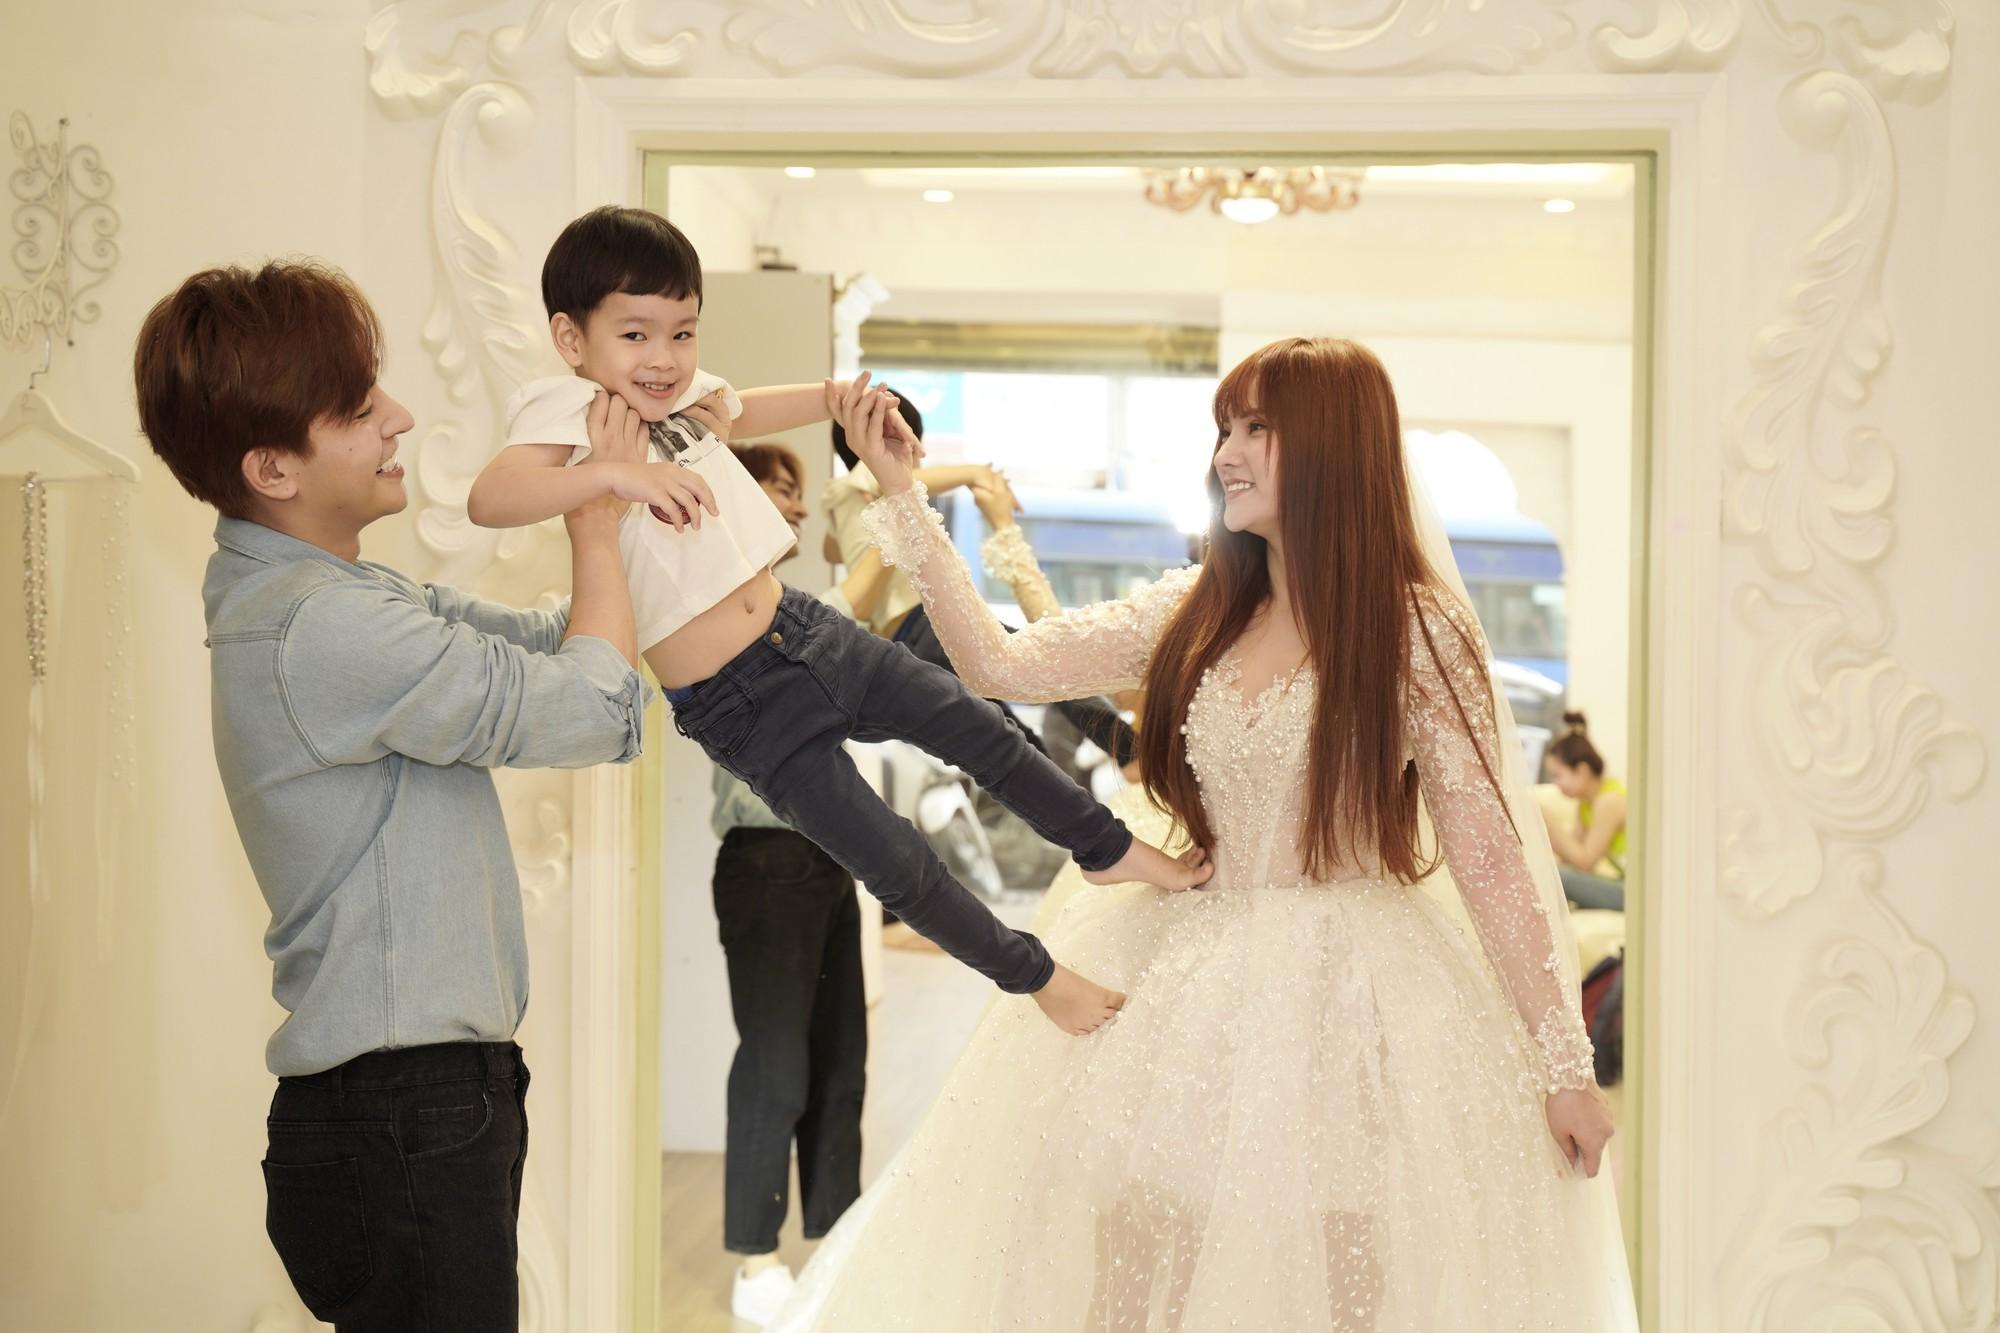 Thu Thủy chọn váy cưới rộng, khéo léo che chắn vòng 2 giữa tin đồn cưới chạy bầu - Ảnh 5.